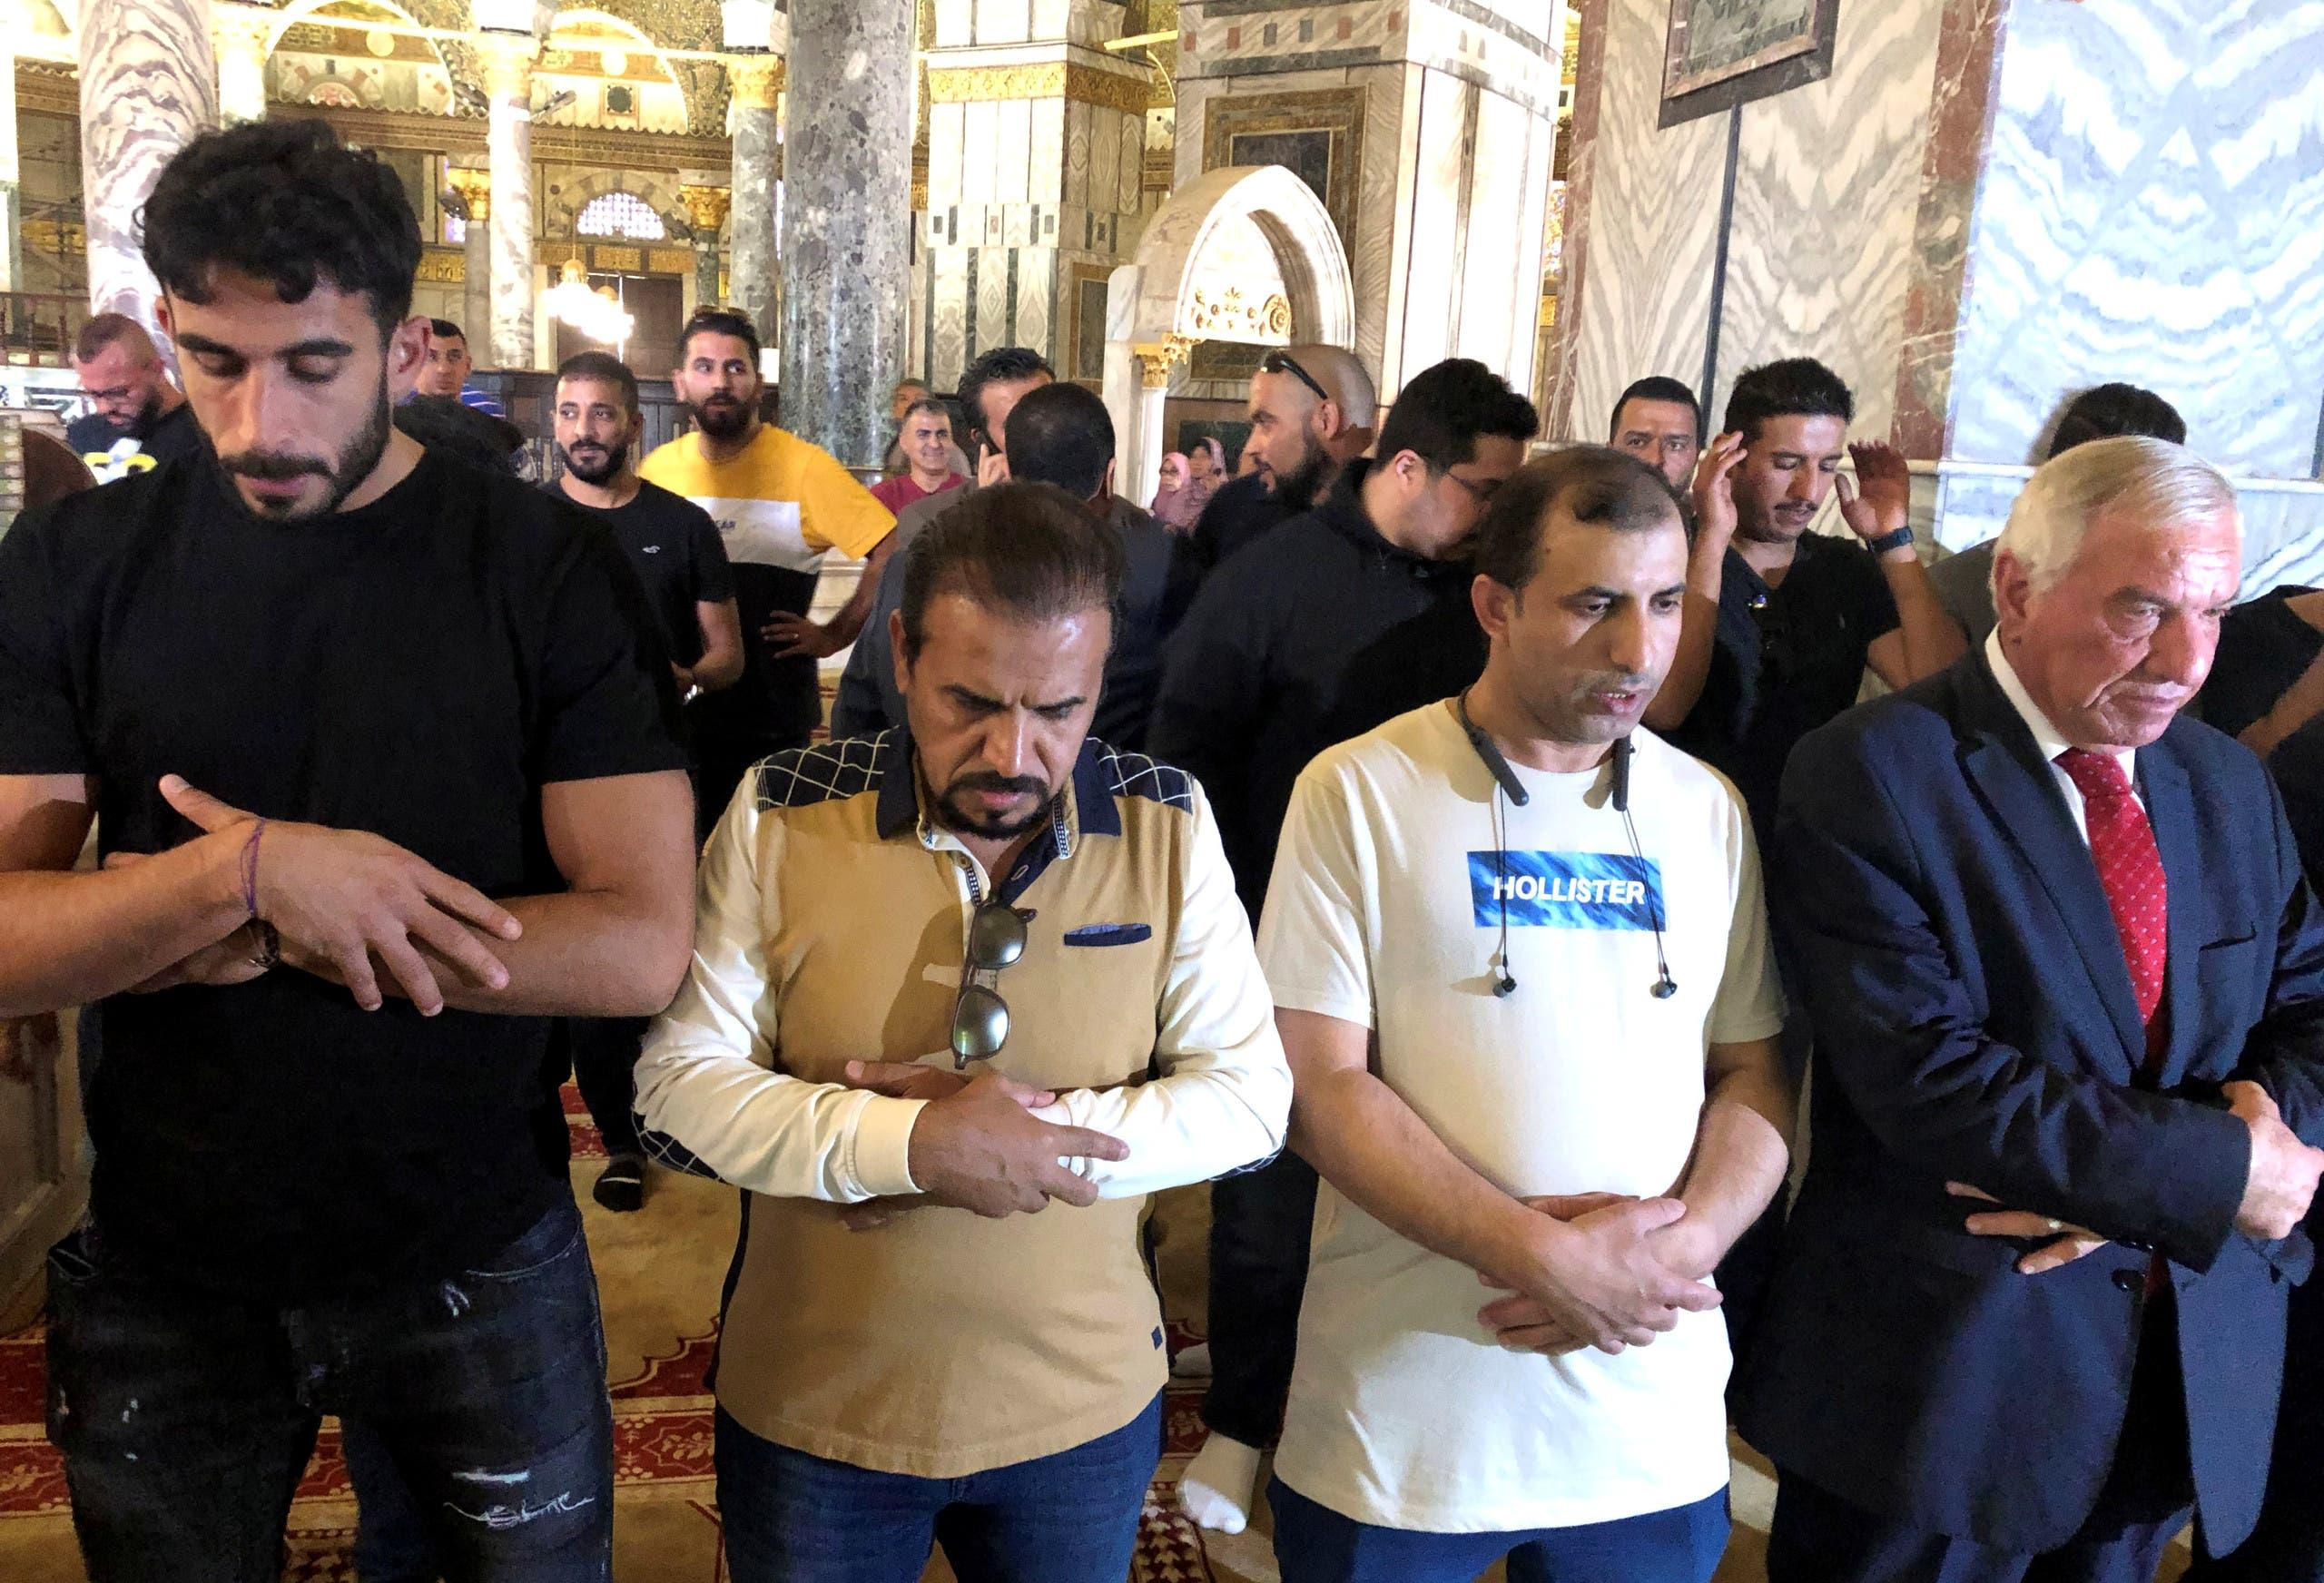 لاعبو كرة قدم سعوديون يؤدون الصلاة في المسجد الأقصى بالقدس - رويترز.